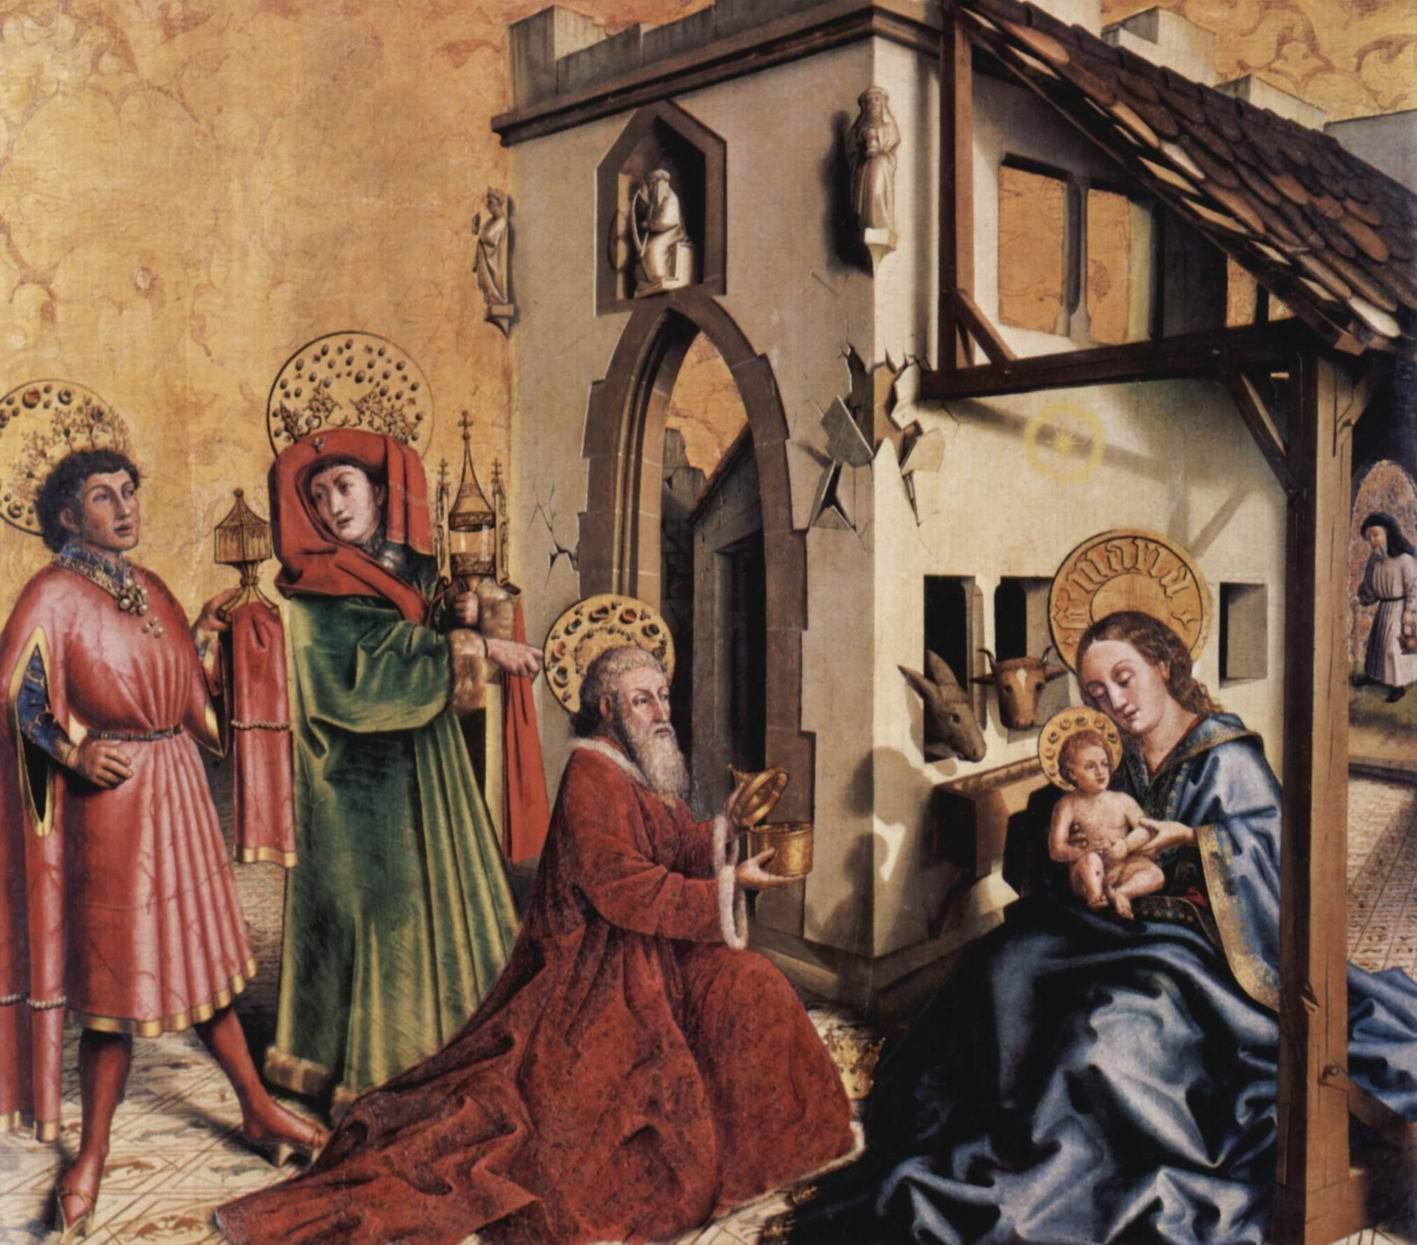 Алтарь св.Петра. Фрагмент алтаря из собора св.Петра в Женеве. Внутренняя сторона левой створки. Поклонение волхвов, Конрад Виц